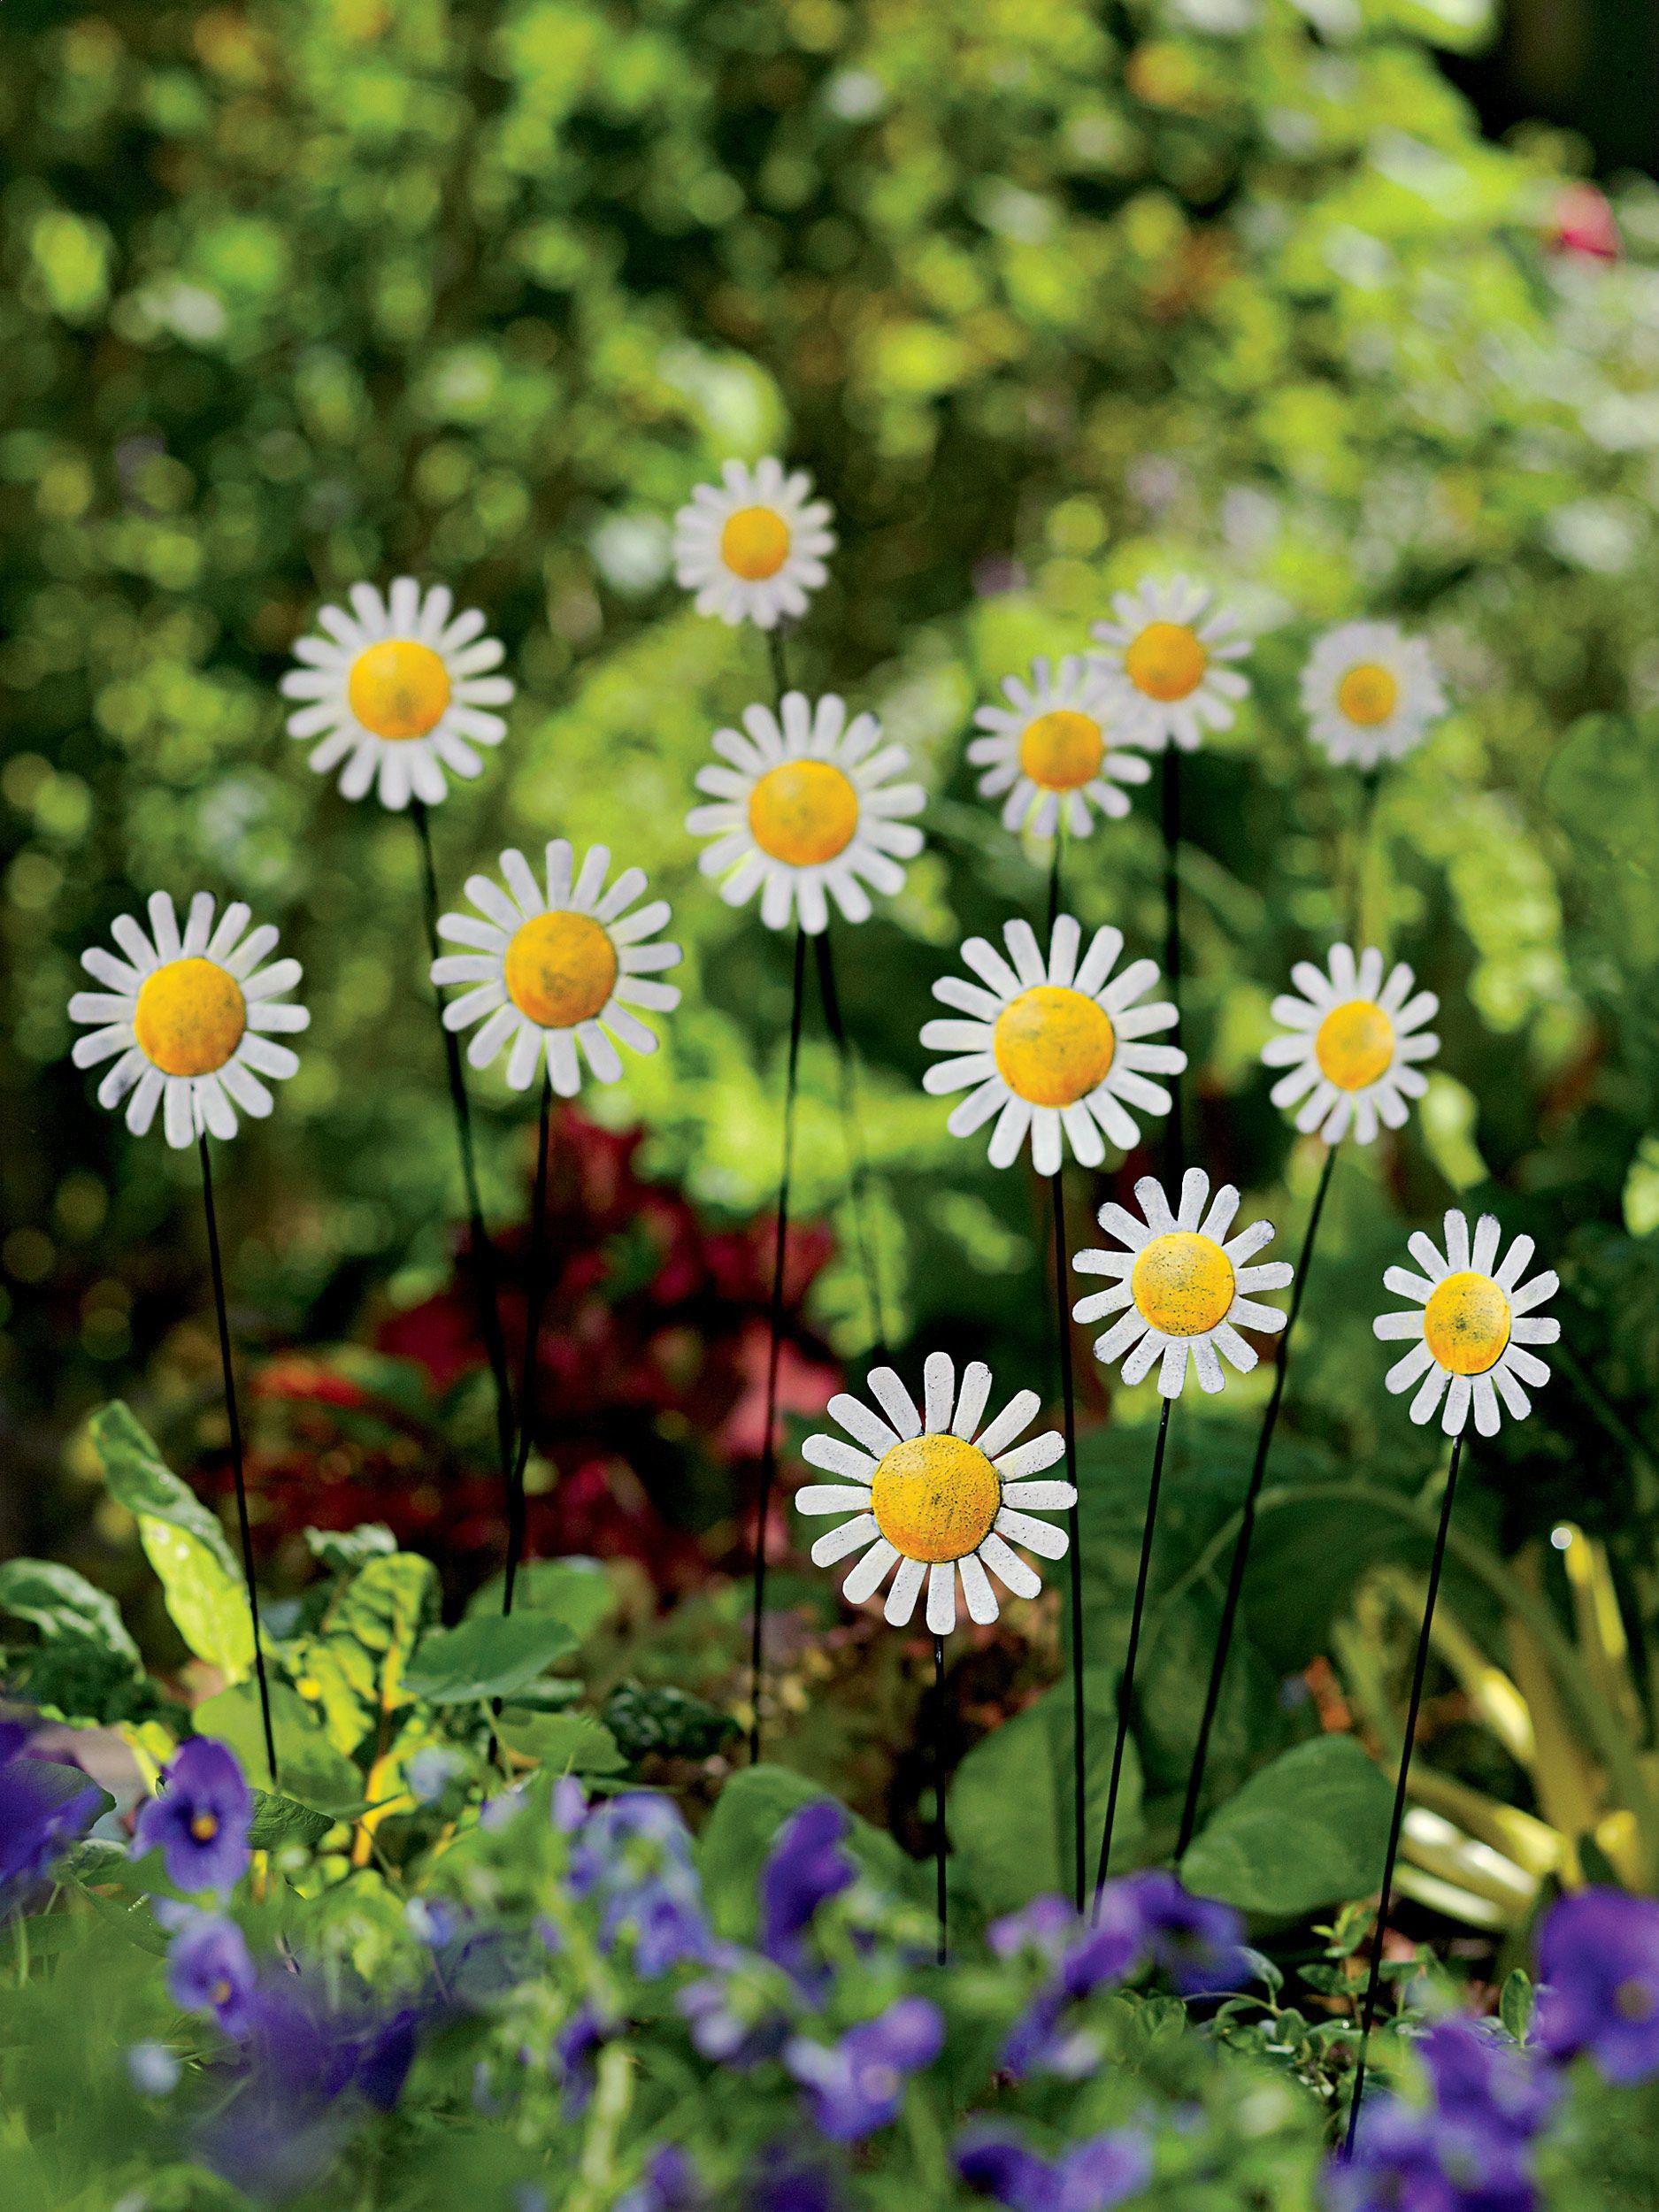 Poppy flower stake garden art poppy strong metal yard art flower - Metal Garden Art Daisy Bouquet Stakes Metal Flowers Gardeners Com